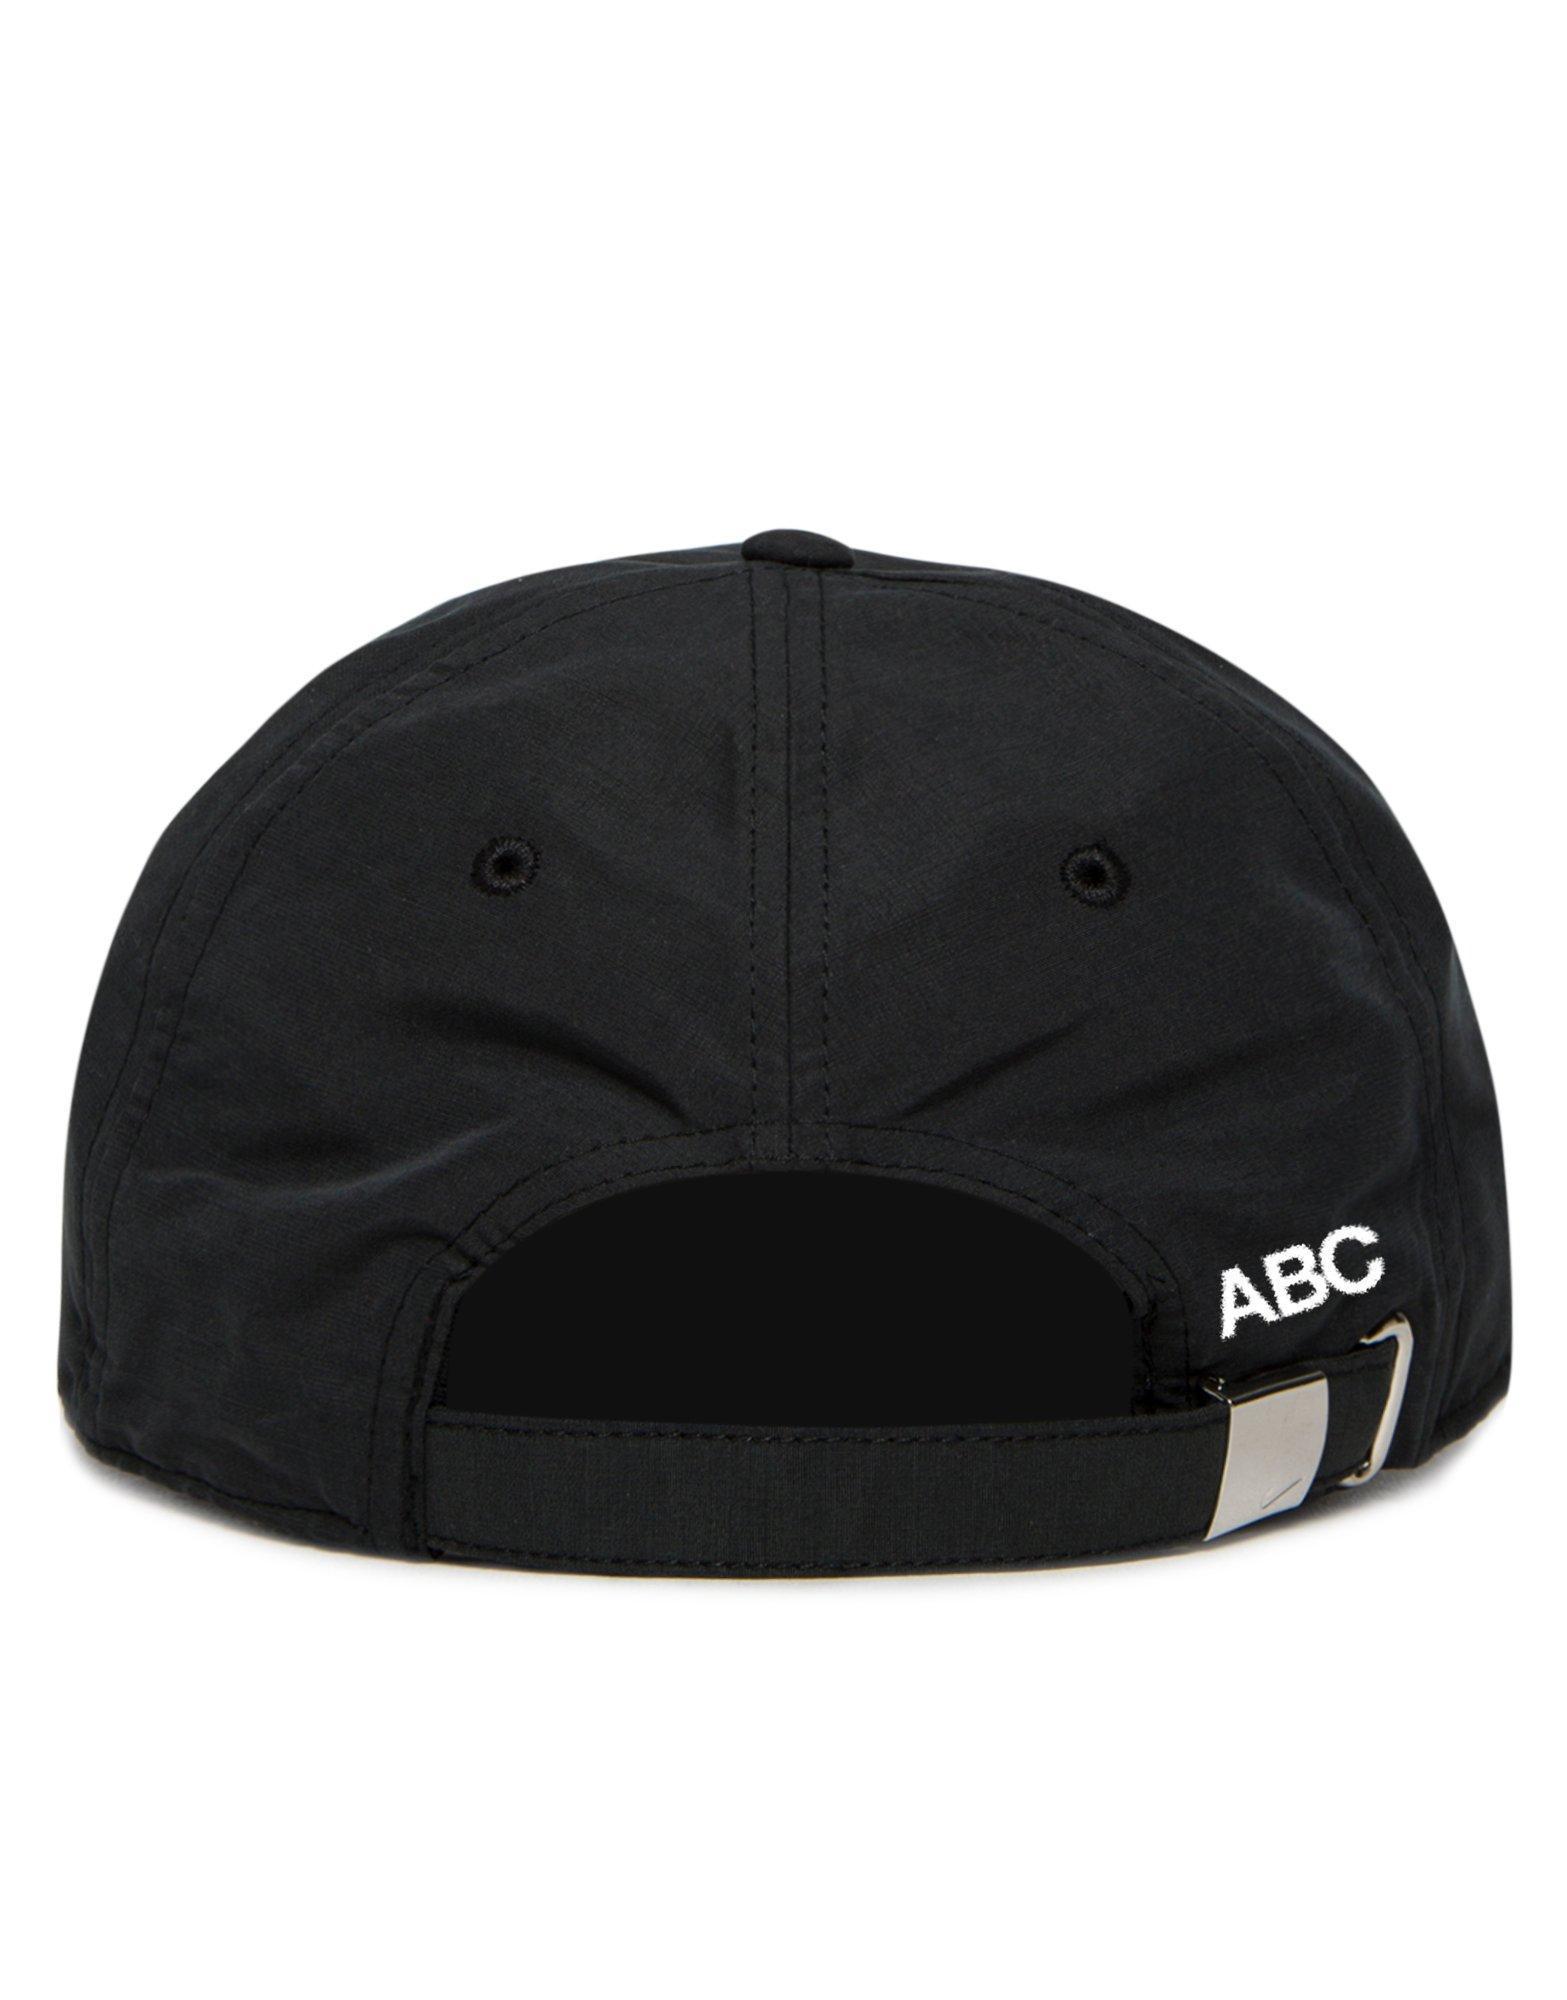 a962451b Nike Side Swoosh Cap in Black for Men - Lyst